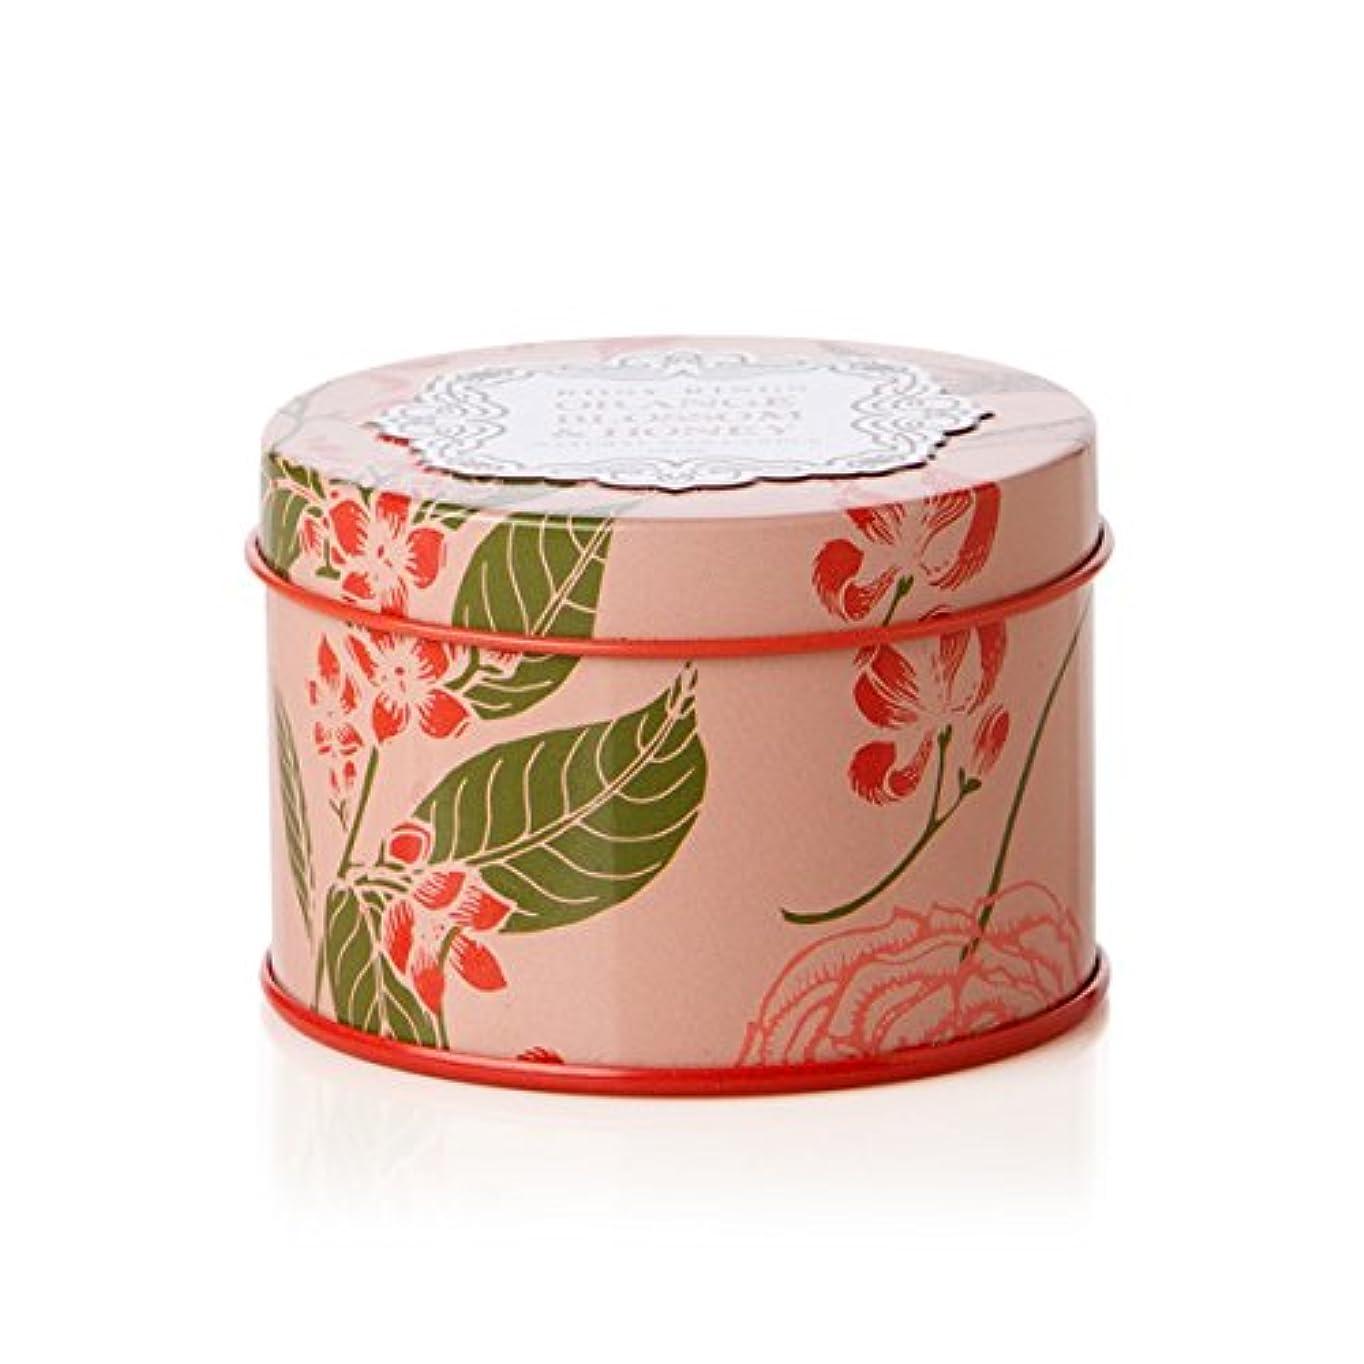 連邦店員連想ロージーリングス プティティンキャンドル オレンジブロッサム&ハニー ROSY RINGS Petite Tin Orange Blossom & Honey